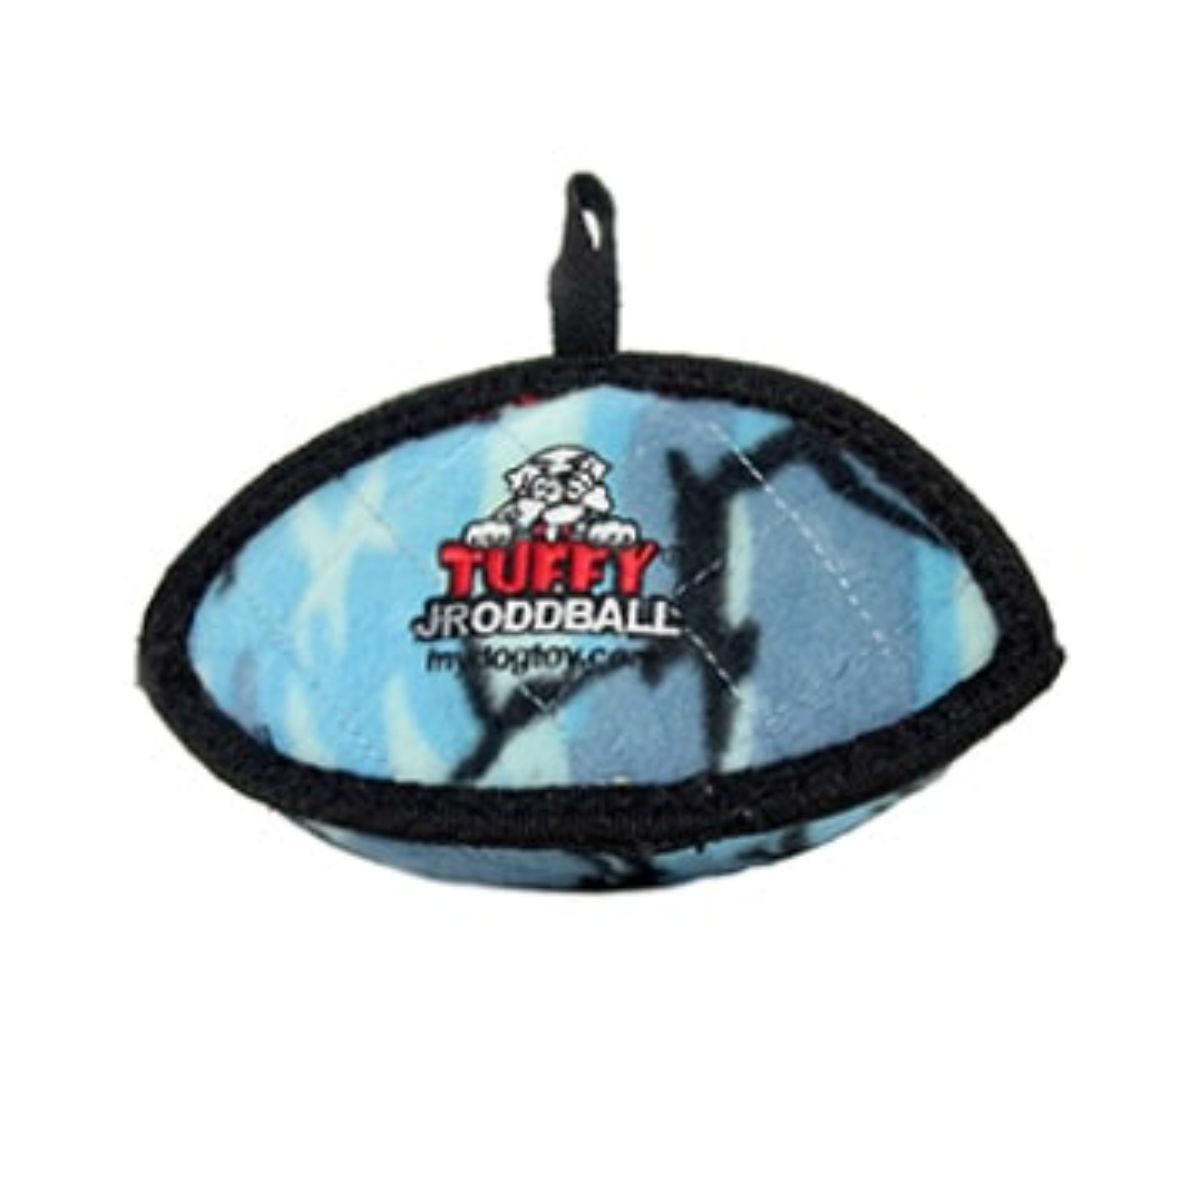 Tuffy Jr Oddball Dog Toy - Camo Blue